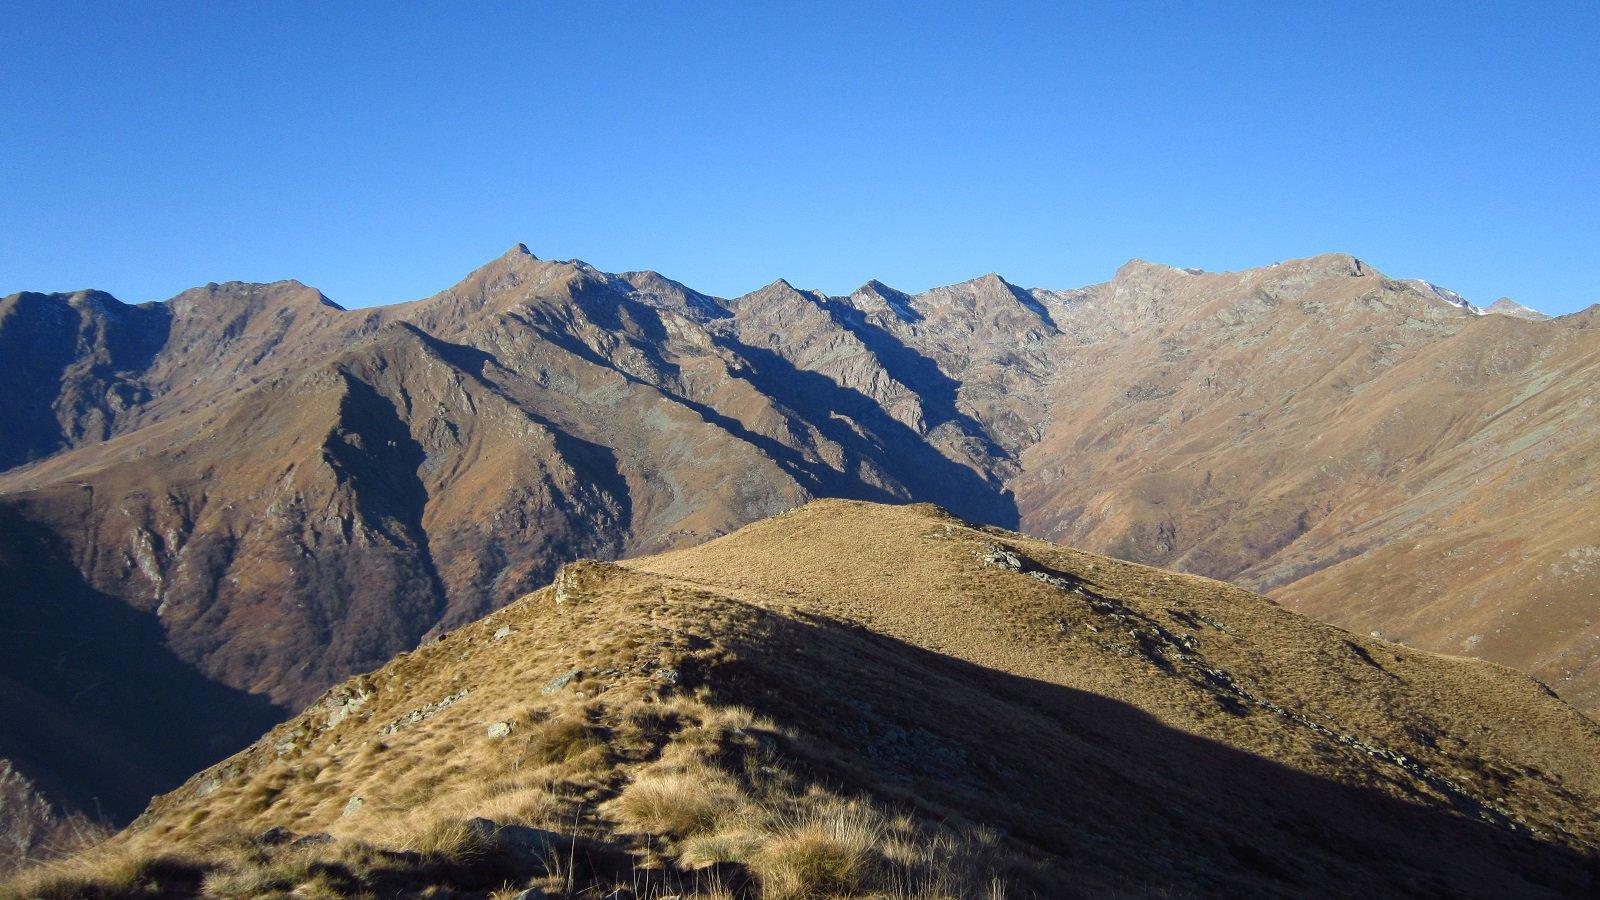 Verso l'alta valle ma il bianco dov'è?